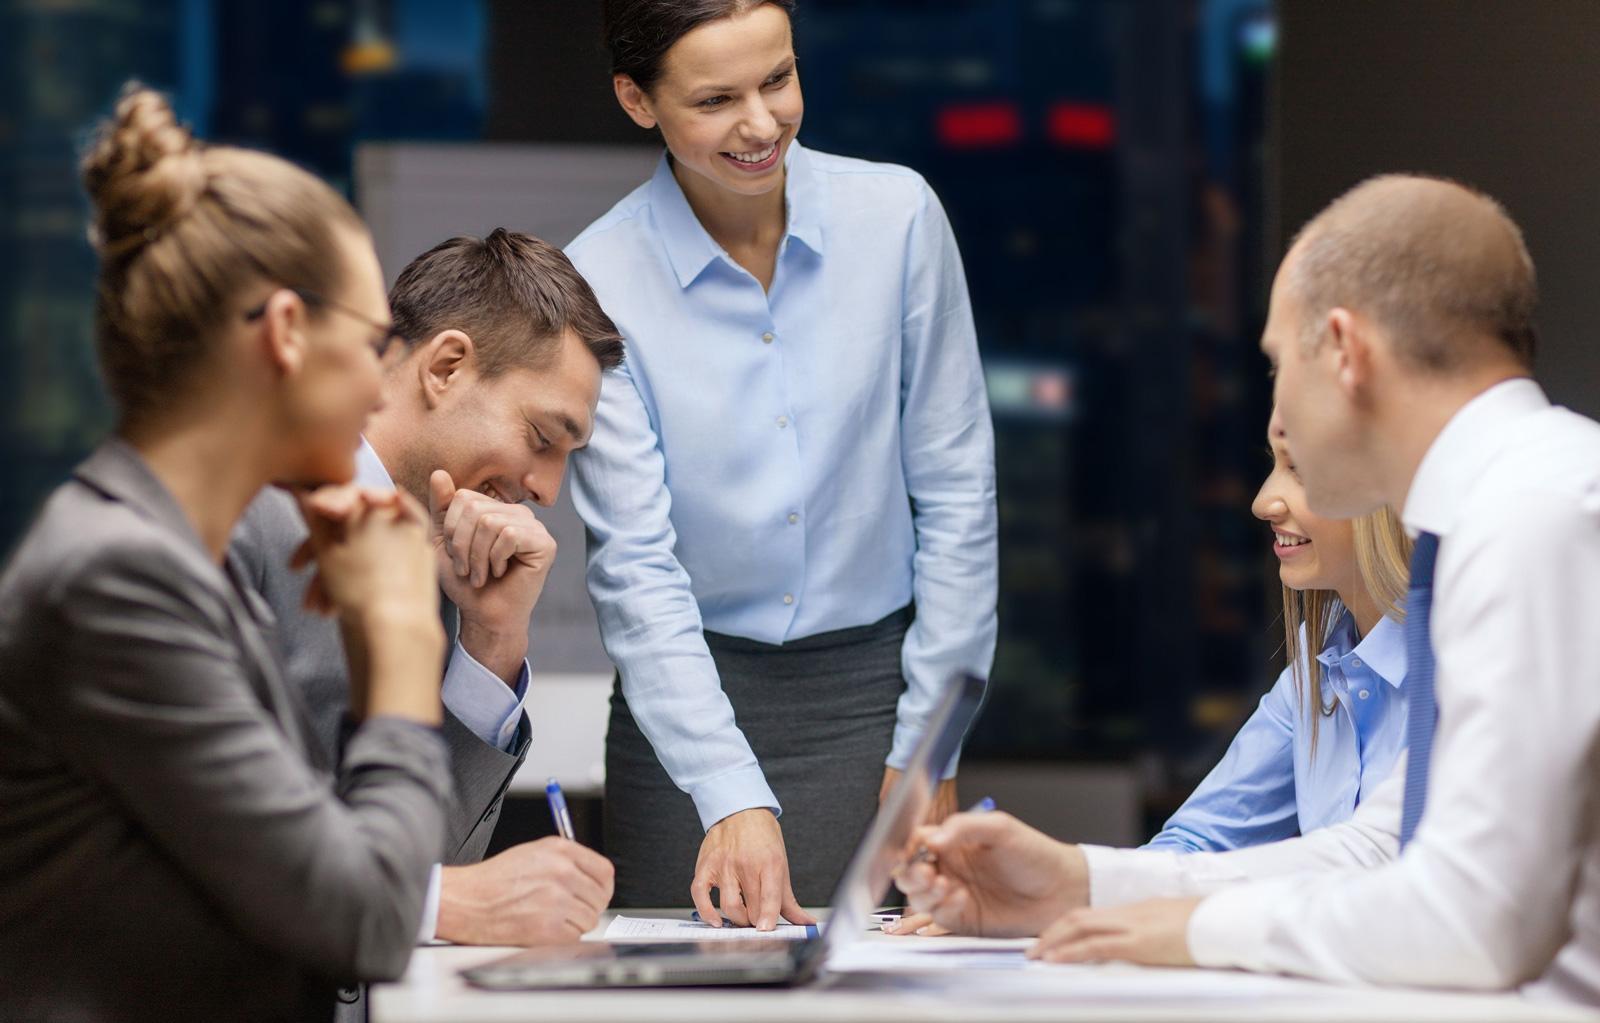 Корпоративные курсы английского языка для сотрудников организаций